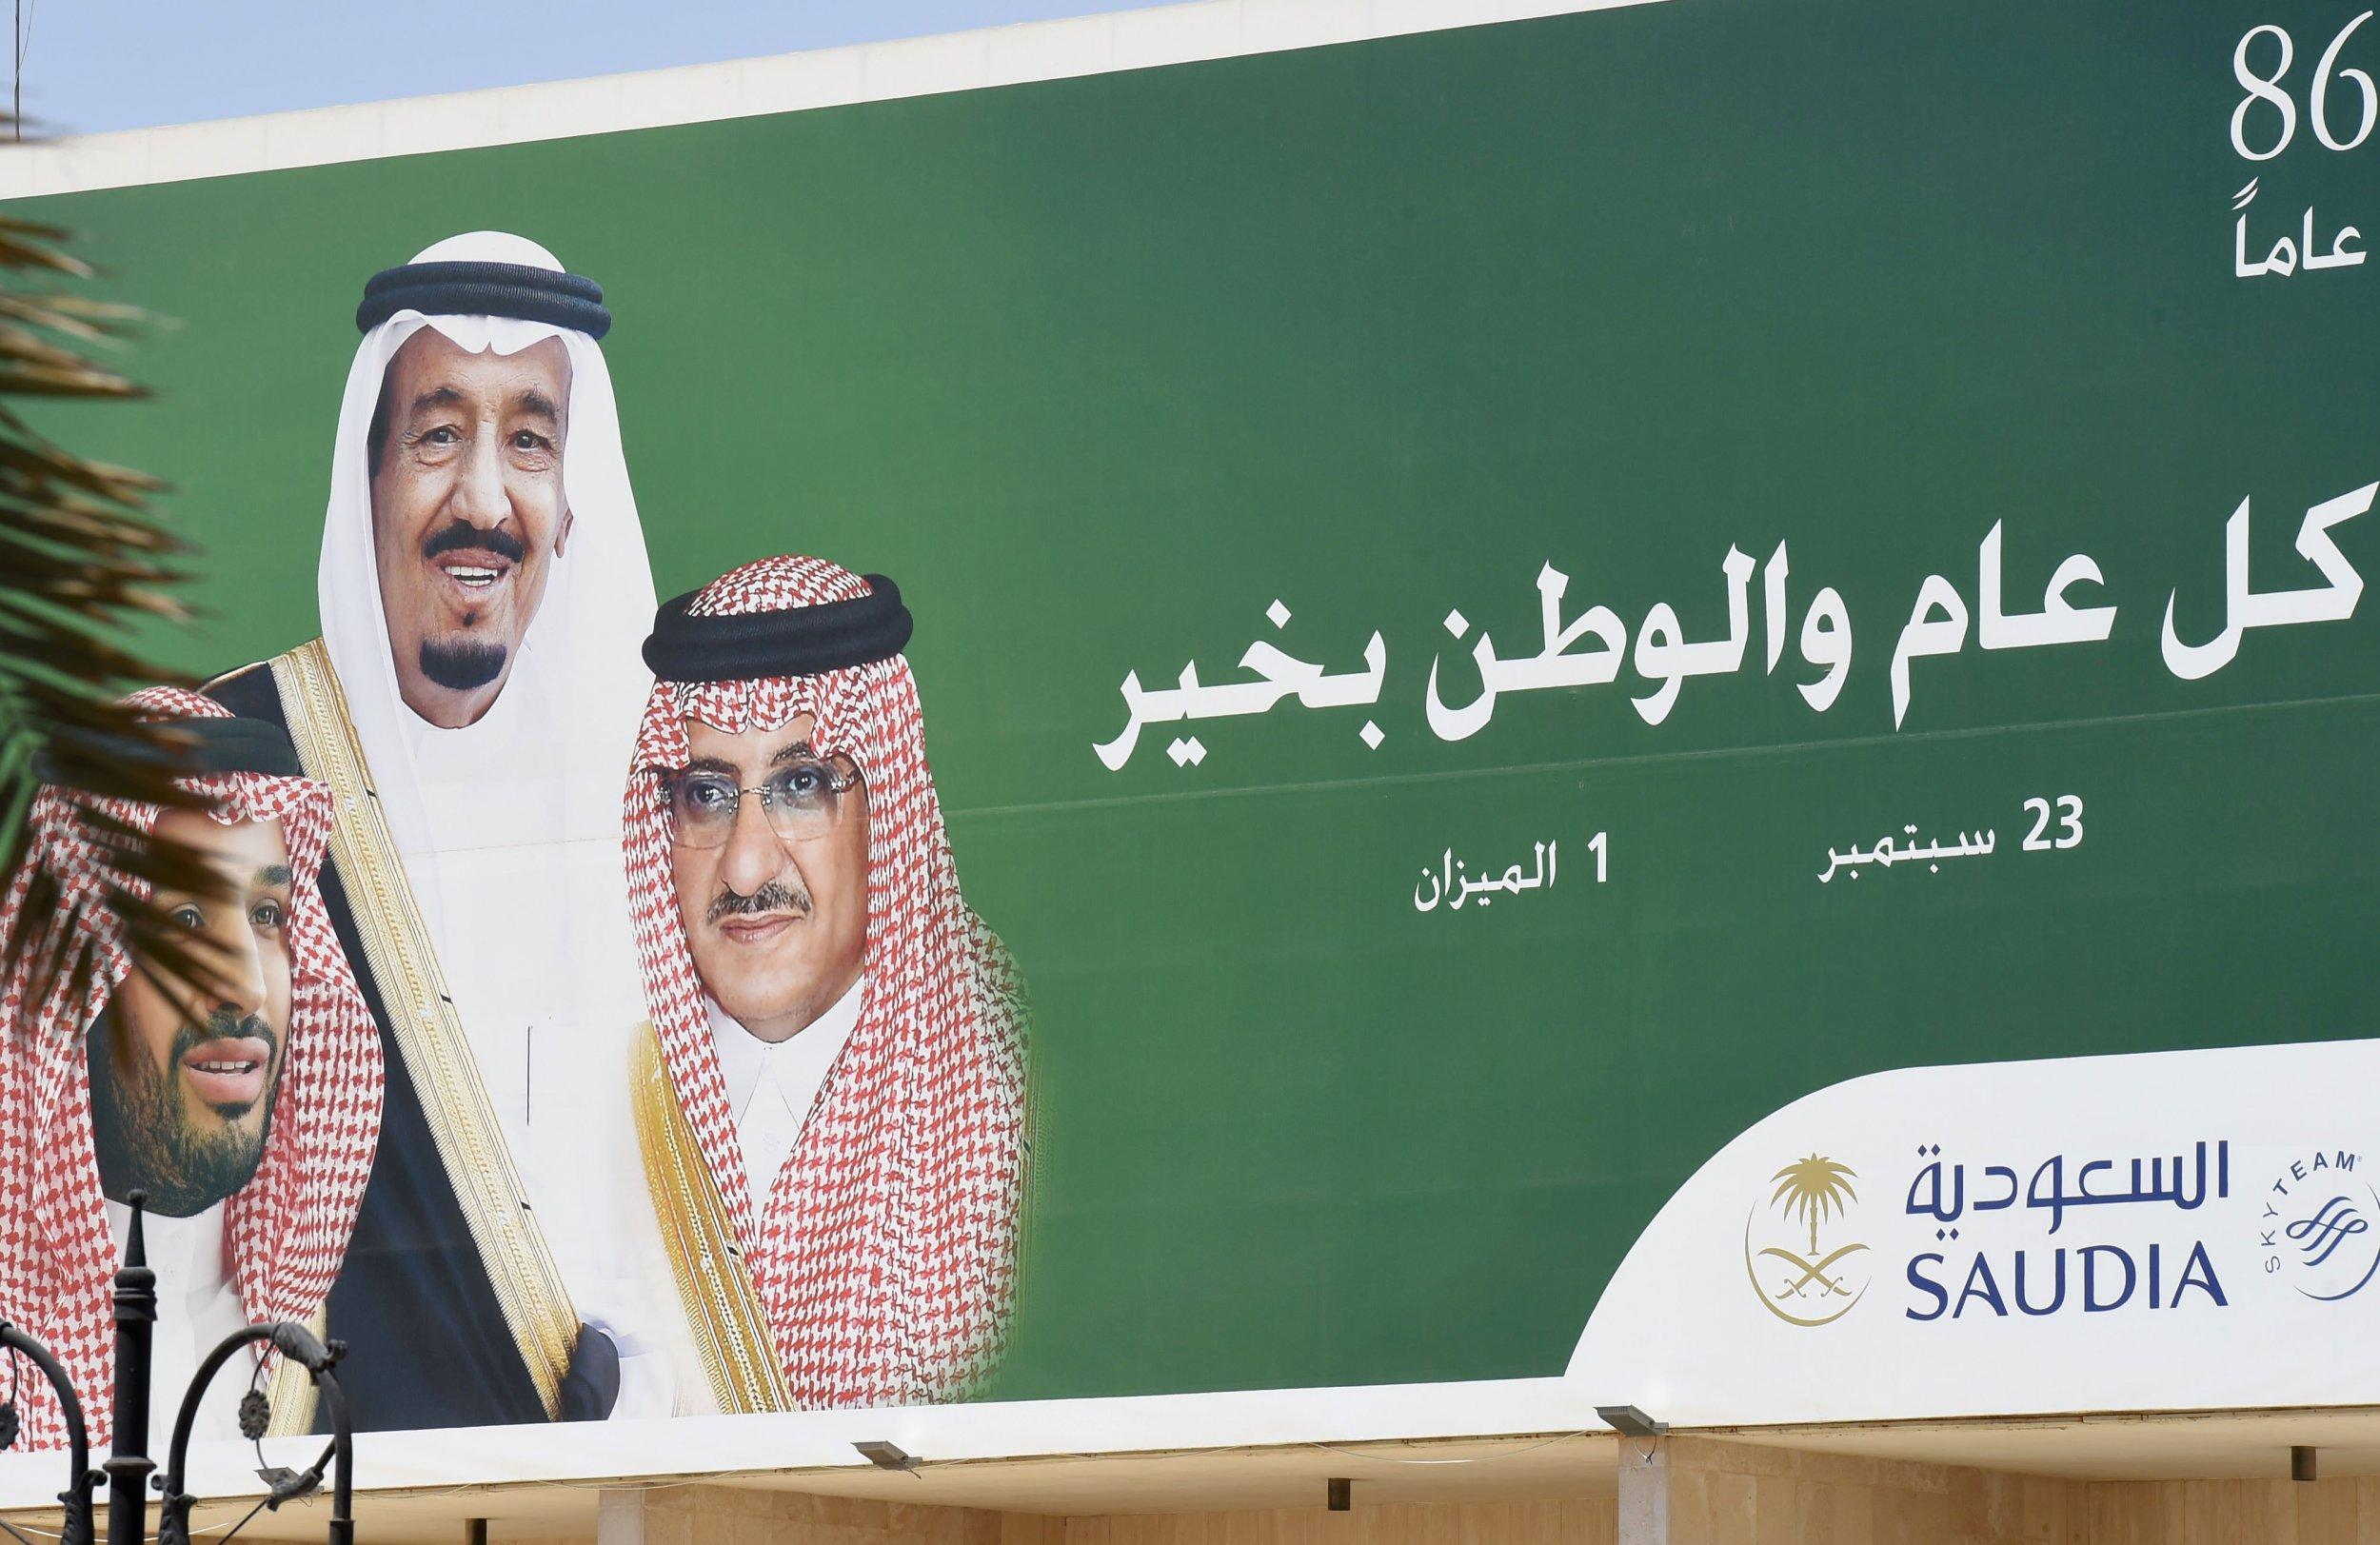 09_18_Saudia_Airlines